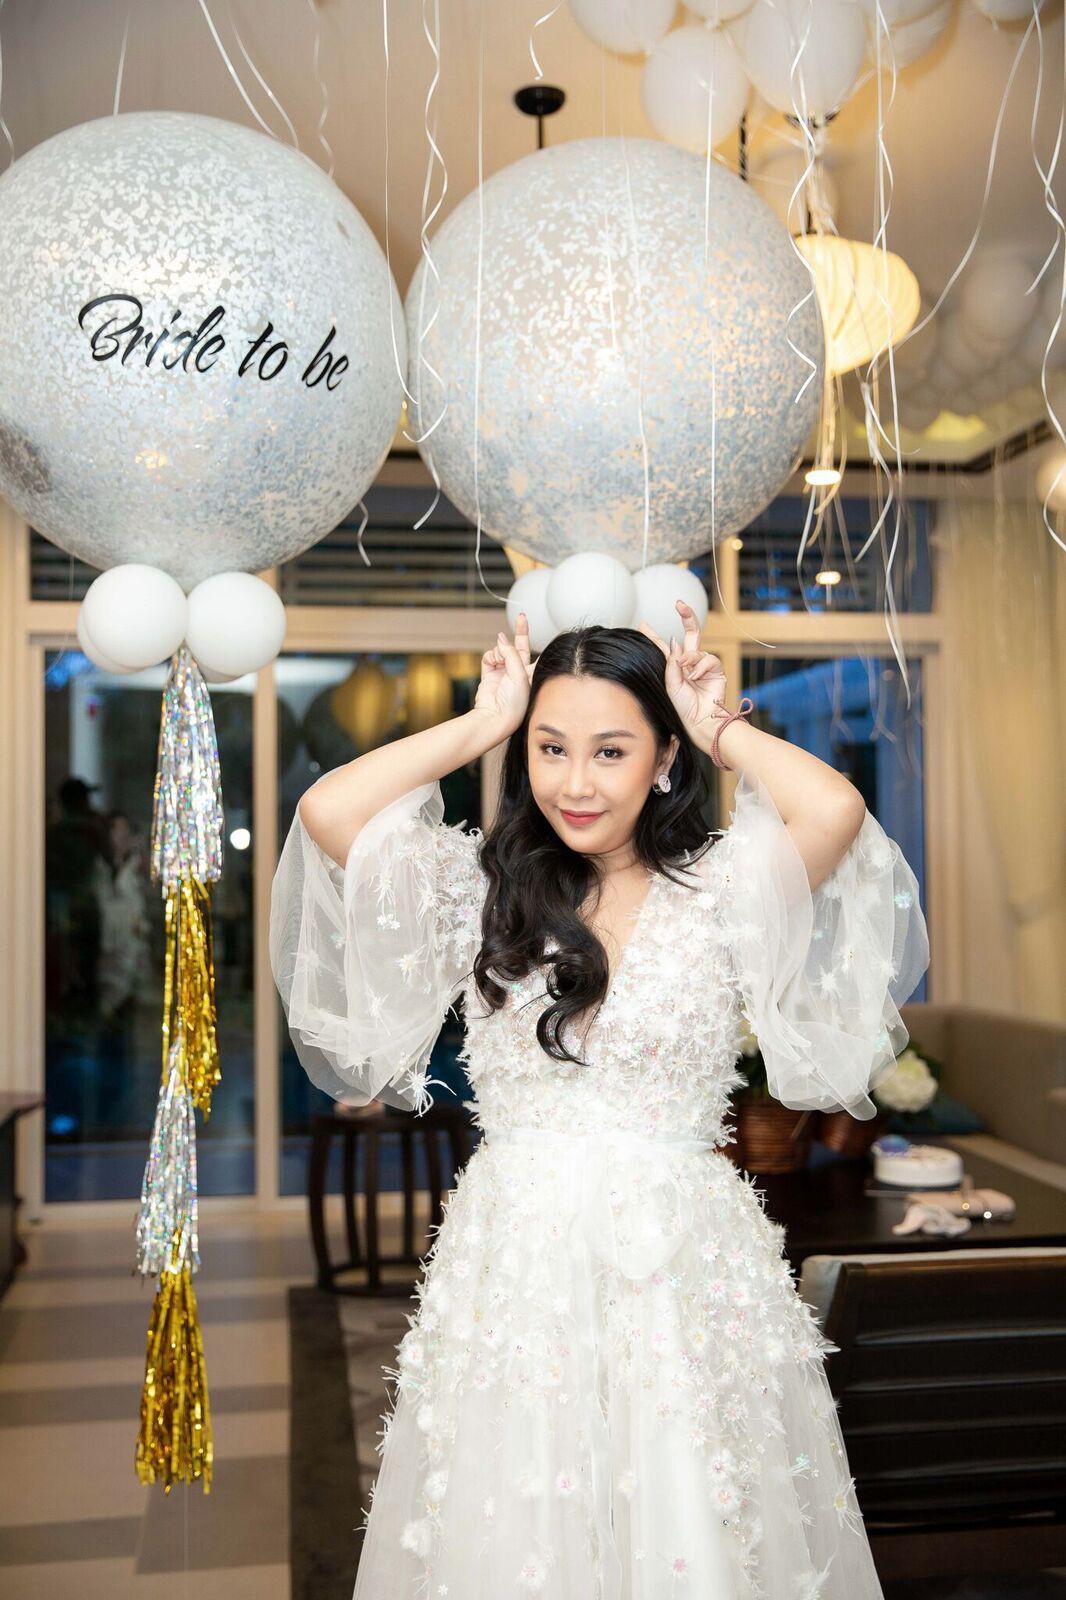 Trước giờ G cử hành hôn lễ, nhà văn Gào chia sẻ những hình ảnh về tiệc chia tay thời độc thân cùng dàn phù dâu xinh đẹp - Ảnh 17.